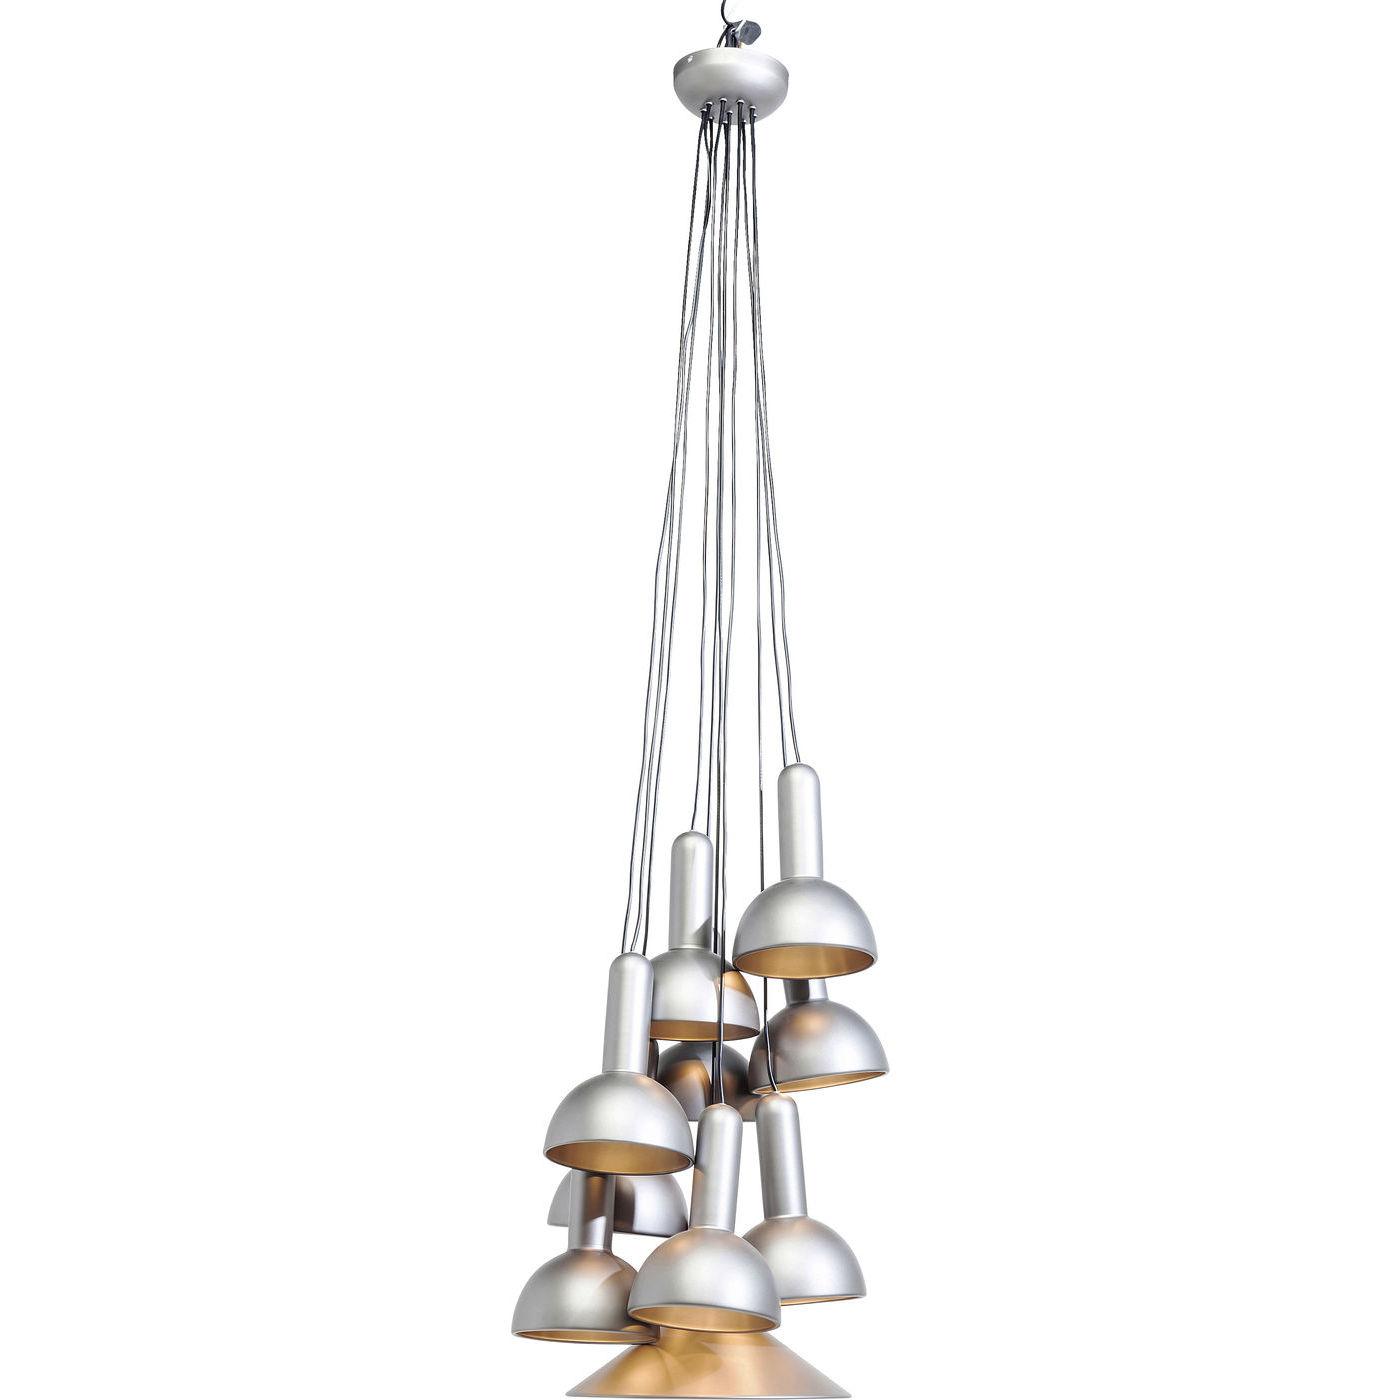 Billede af Kare Design Loftslampe, Cappello Silver